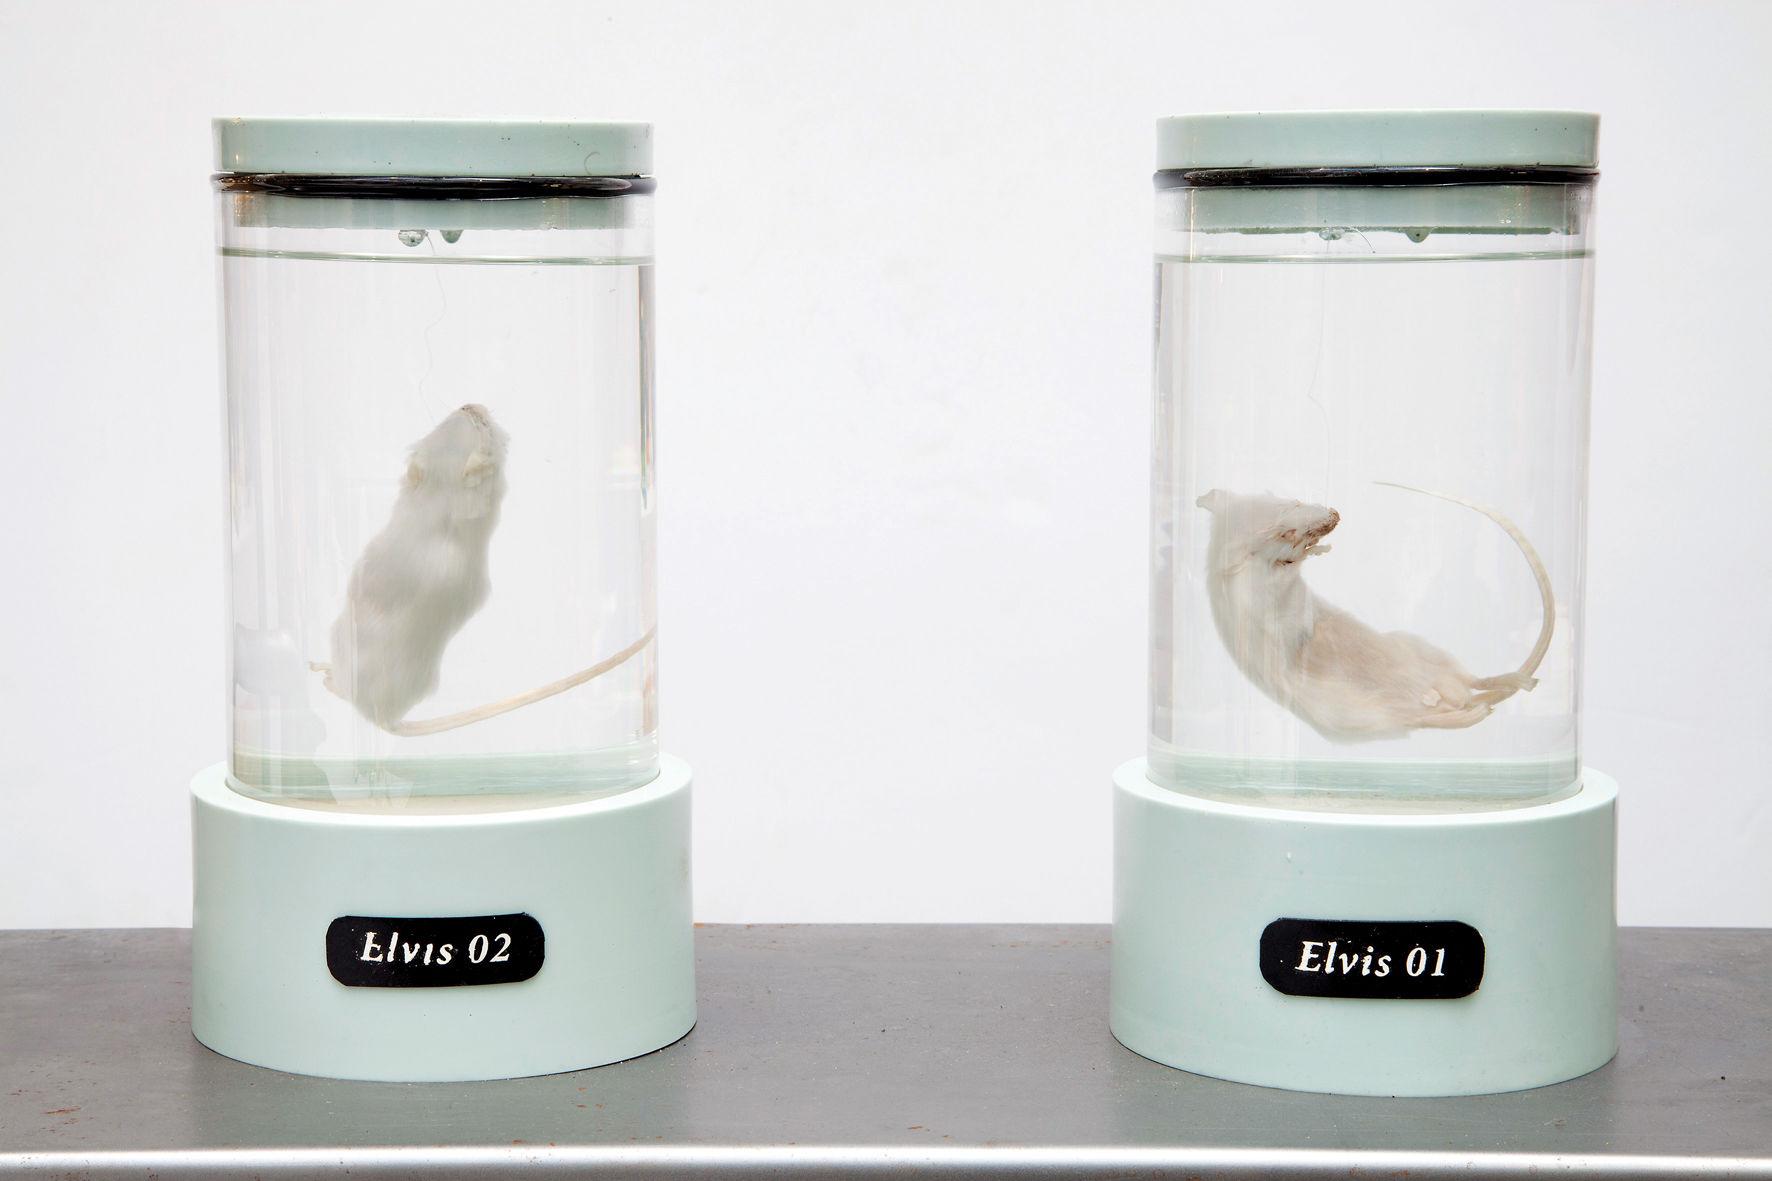 Коби Бархад (Израиль), «Все, что я есть». Изготовление трансгенных мышей на основе генетической информации, извлеченной из образцов волос Элвиса Пресли. При поддержке Исследовательского центра Pinta Acoustic Inc. и при участии Сооми Парк, Йосуке Ушиг ©Фото Коби Бархада